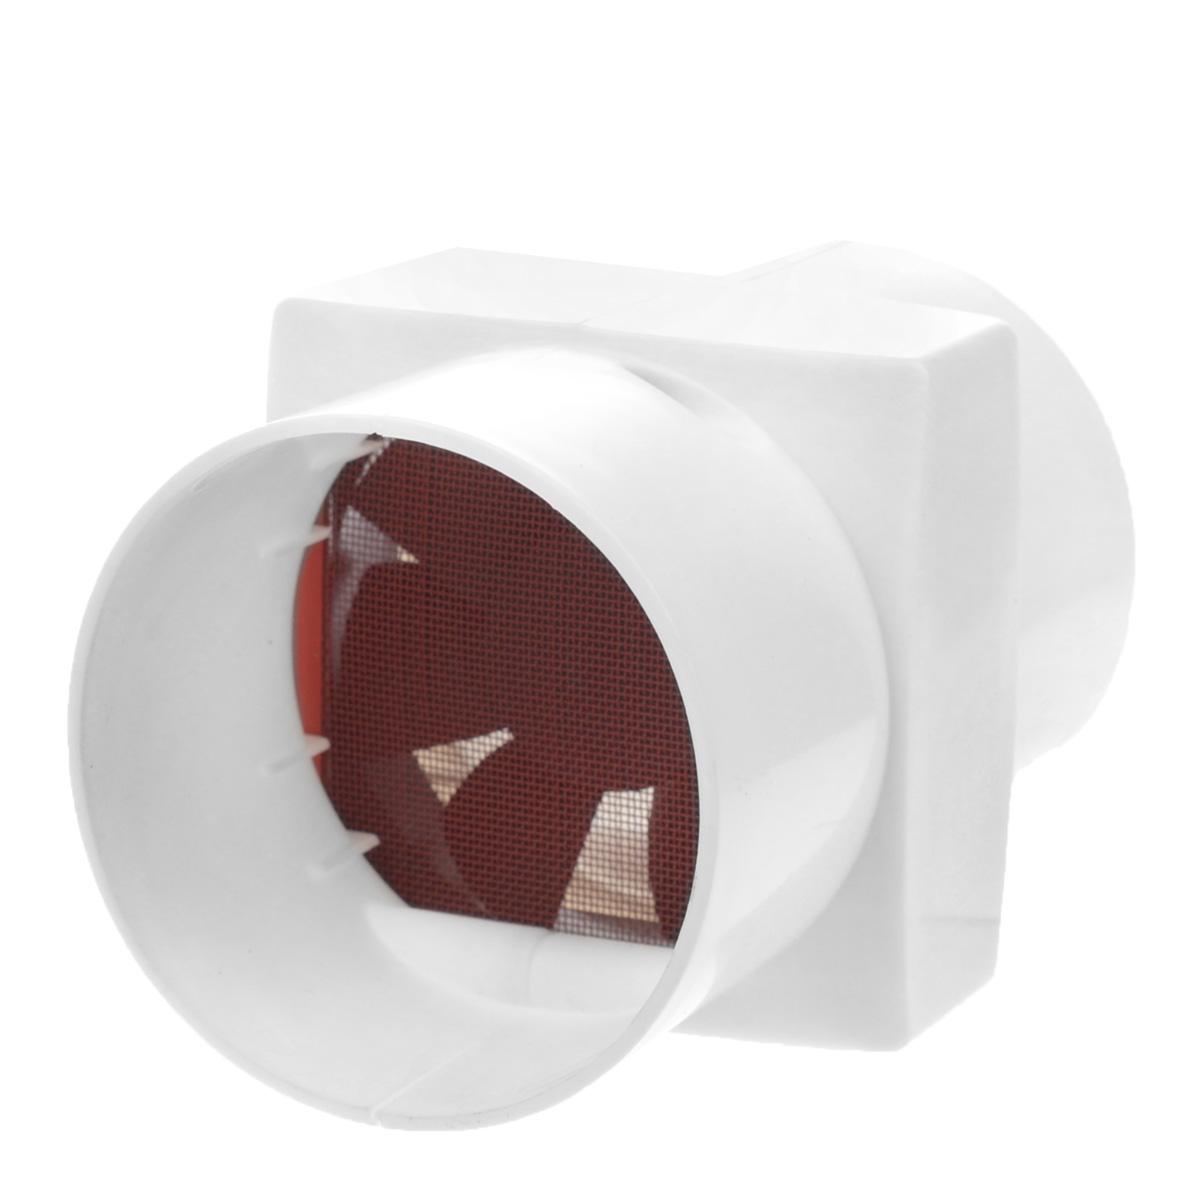 Муфта с вентилятором Piteco В01B01Муфта Piteco В01 применяется для усиления и ускорения воздухообмена, удаления неприятных запахов из торфяных туалетов Piteco, Separett. Особенно рекомендуется применять при изгибах вентиляционной трубы для обеспечения нормального вентилирования торфяных туалетов. В комплект входит блок питания.